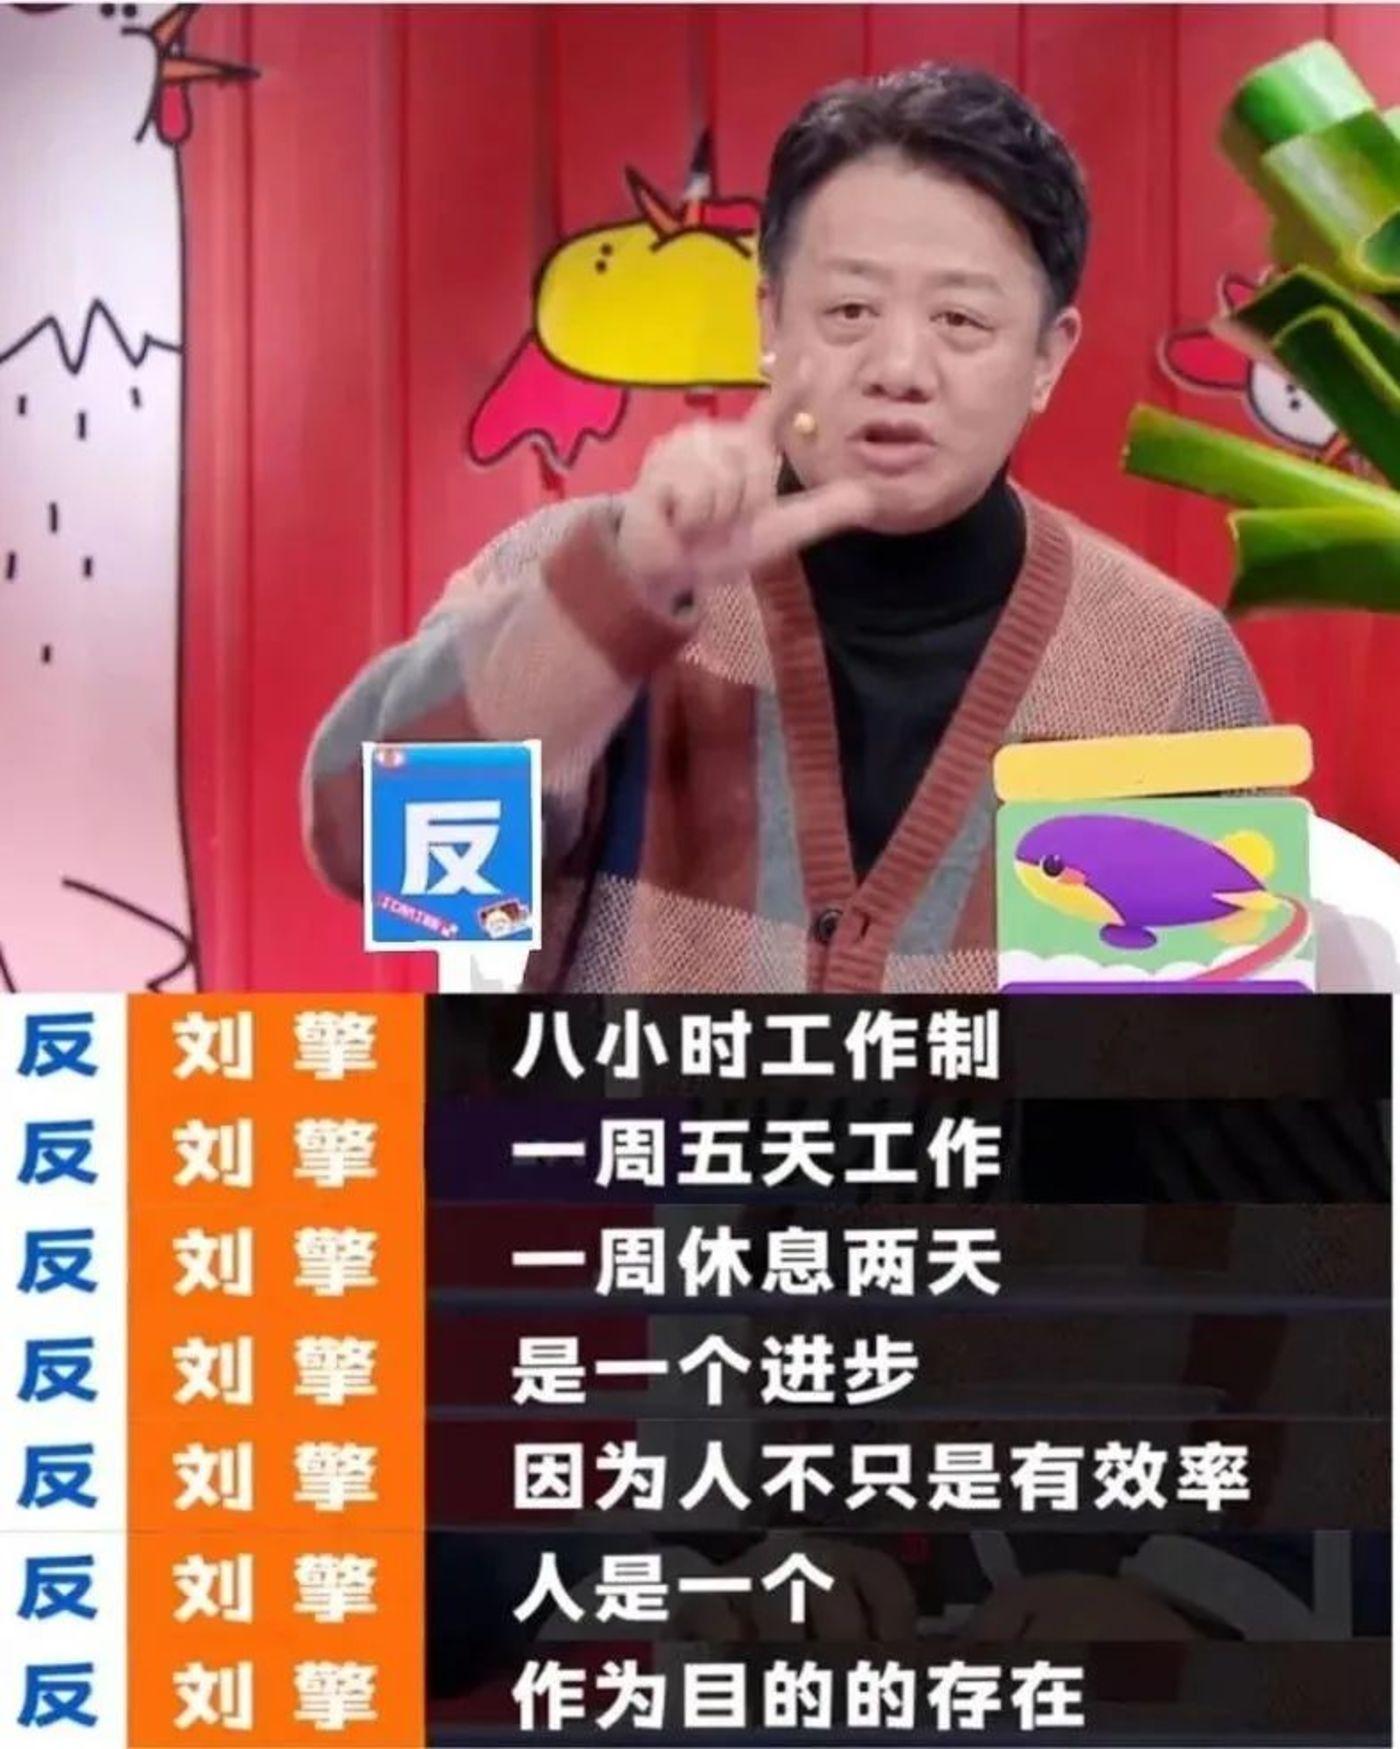 刘擎教授反对996